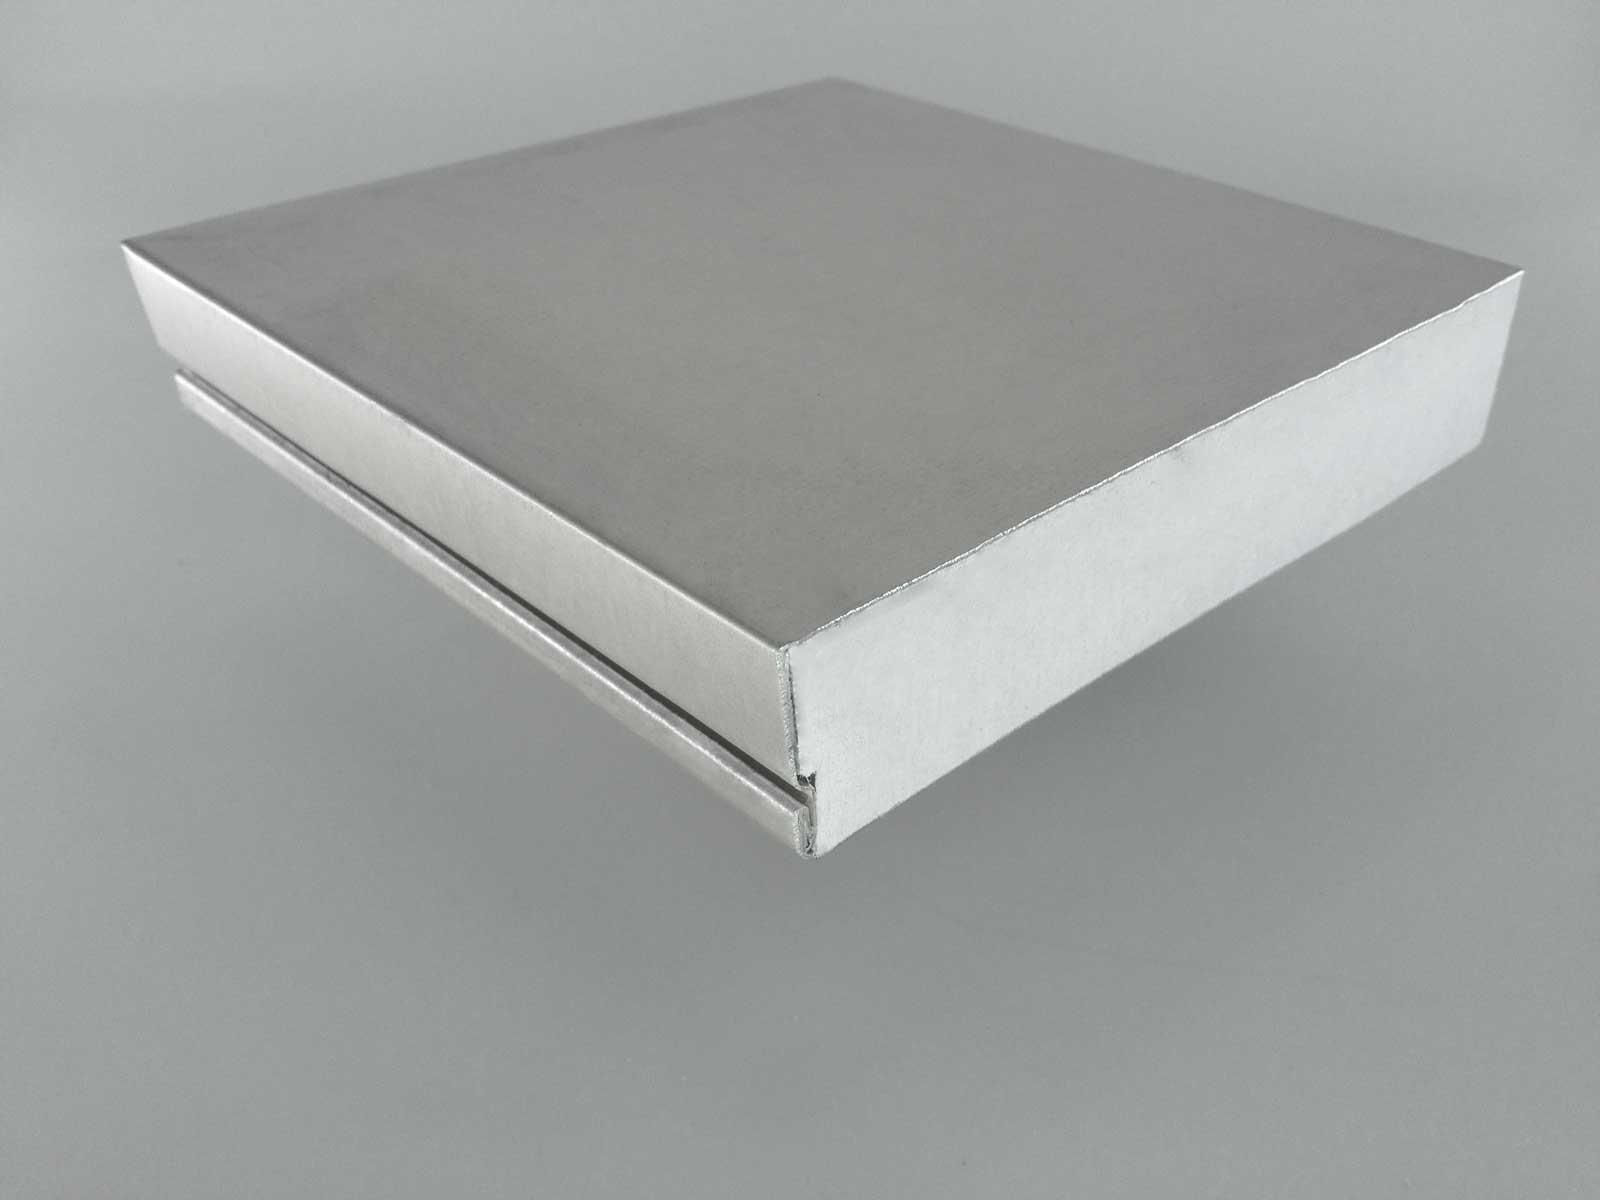 Raised Access Flooring Cas04 Galvanised Panel 2